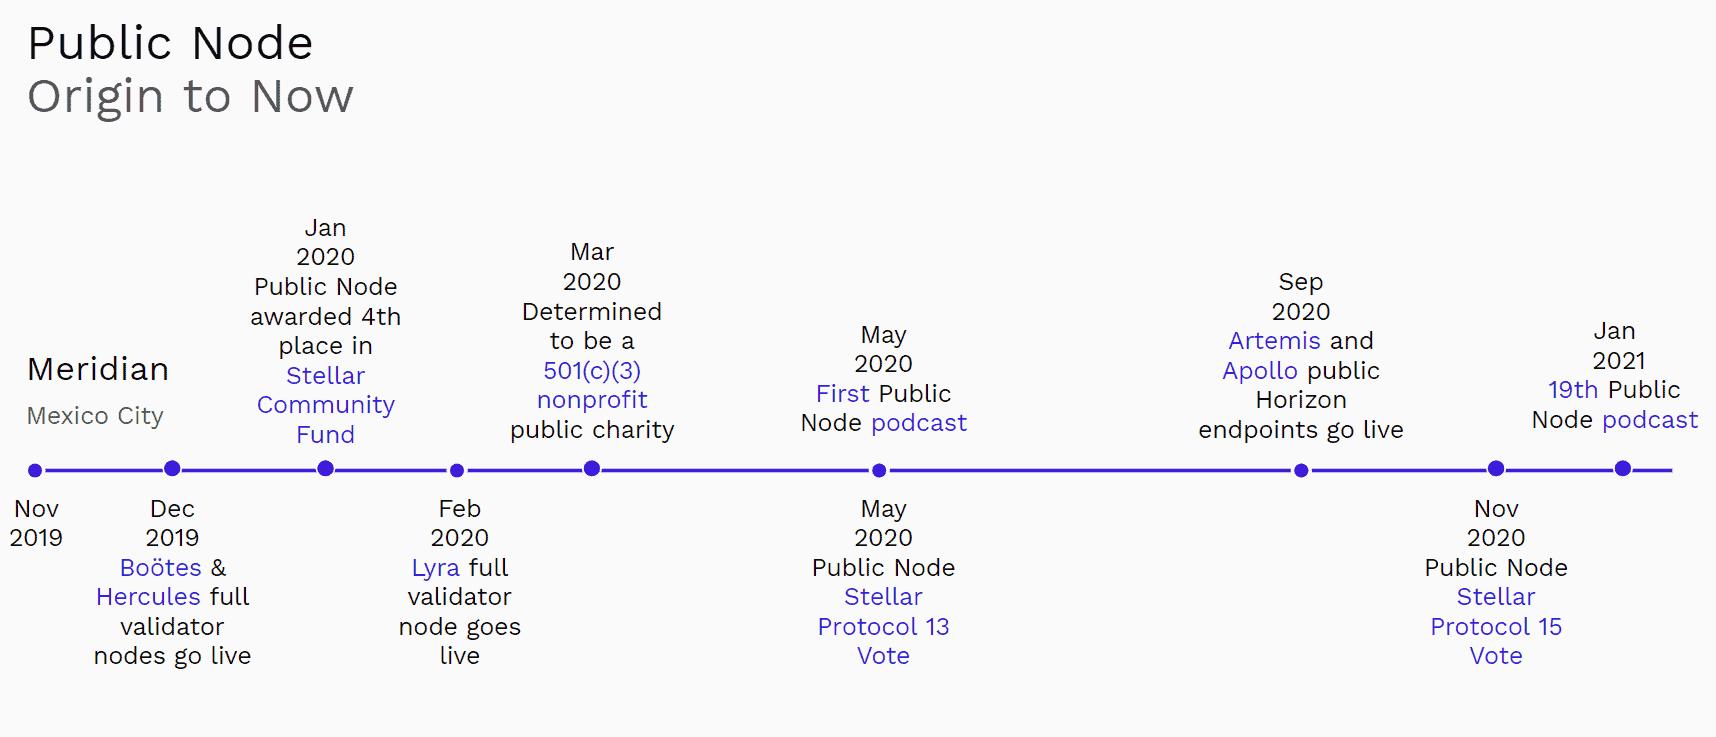 Public Node 2020 Accomplishments Timeline